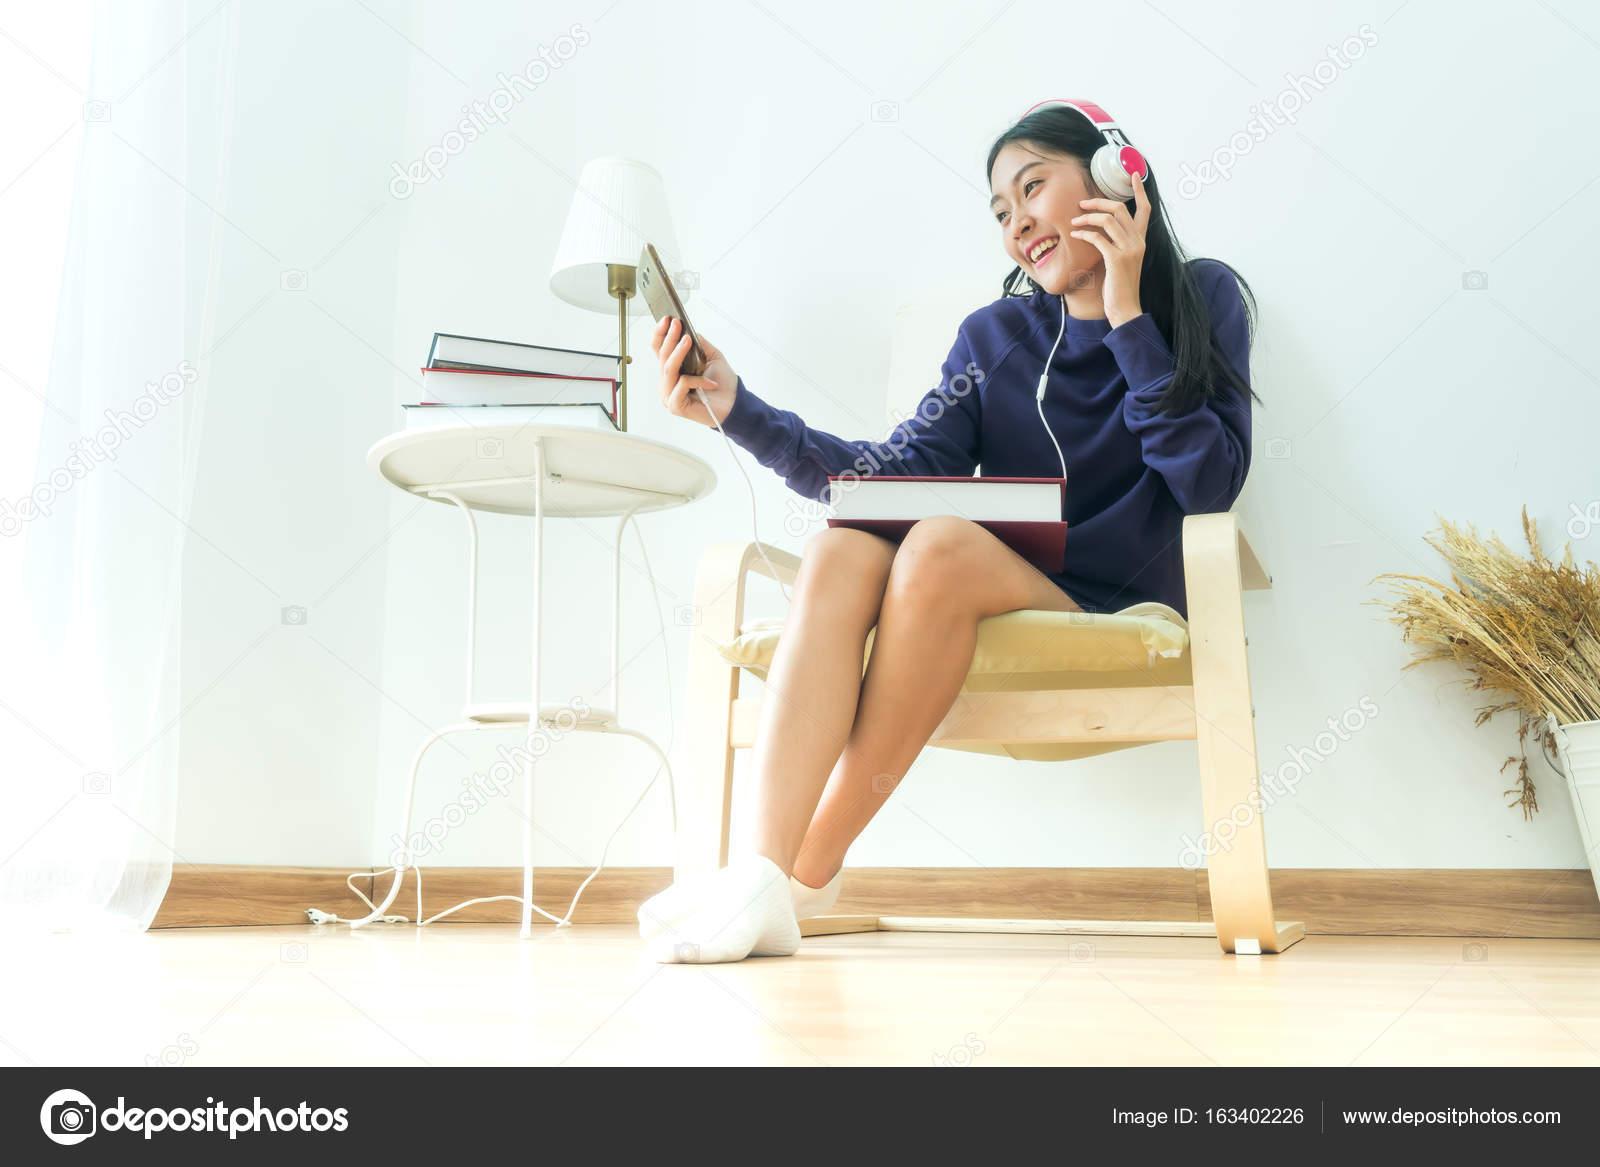 Moderne Muziek Woonkamer : Aziatische tiener hoofdtelefoon dragen in moderne woonkamer